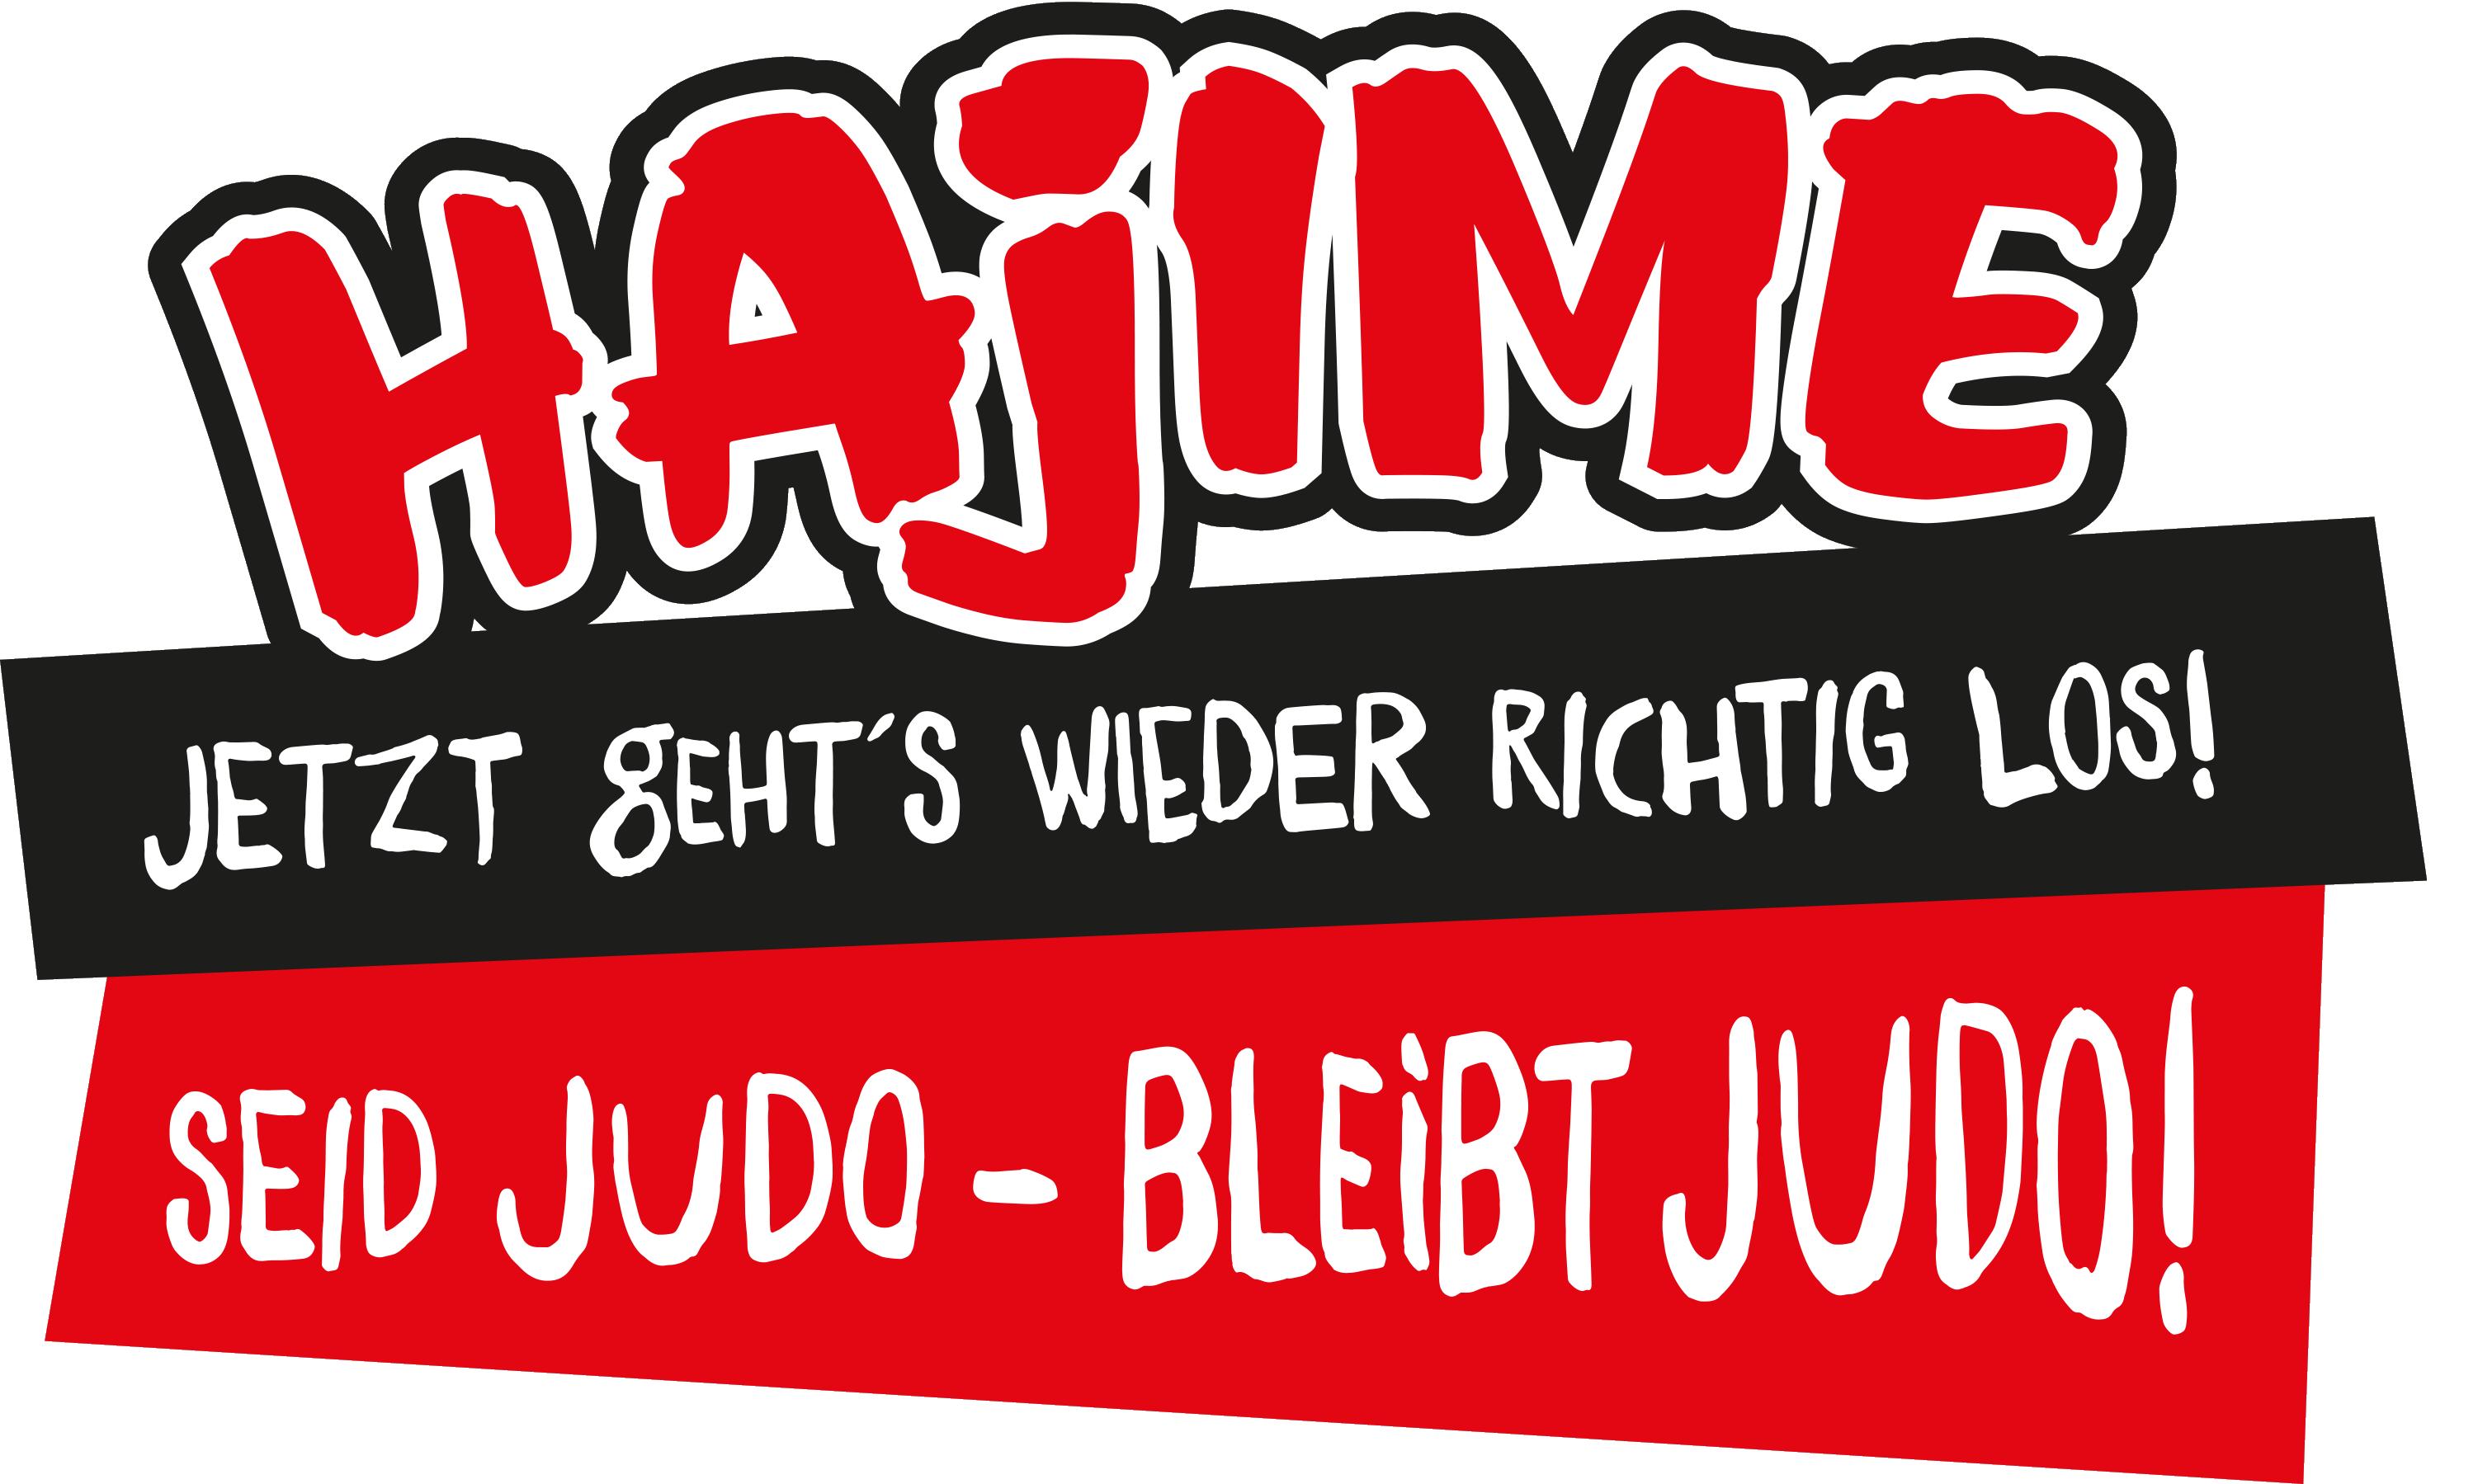 https://assets.judobund.de/uploads/000/015/190/original_Hajime_Logo_Jetzt_gehts_wieder_richtig_los_ohneH.png?1592307941